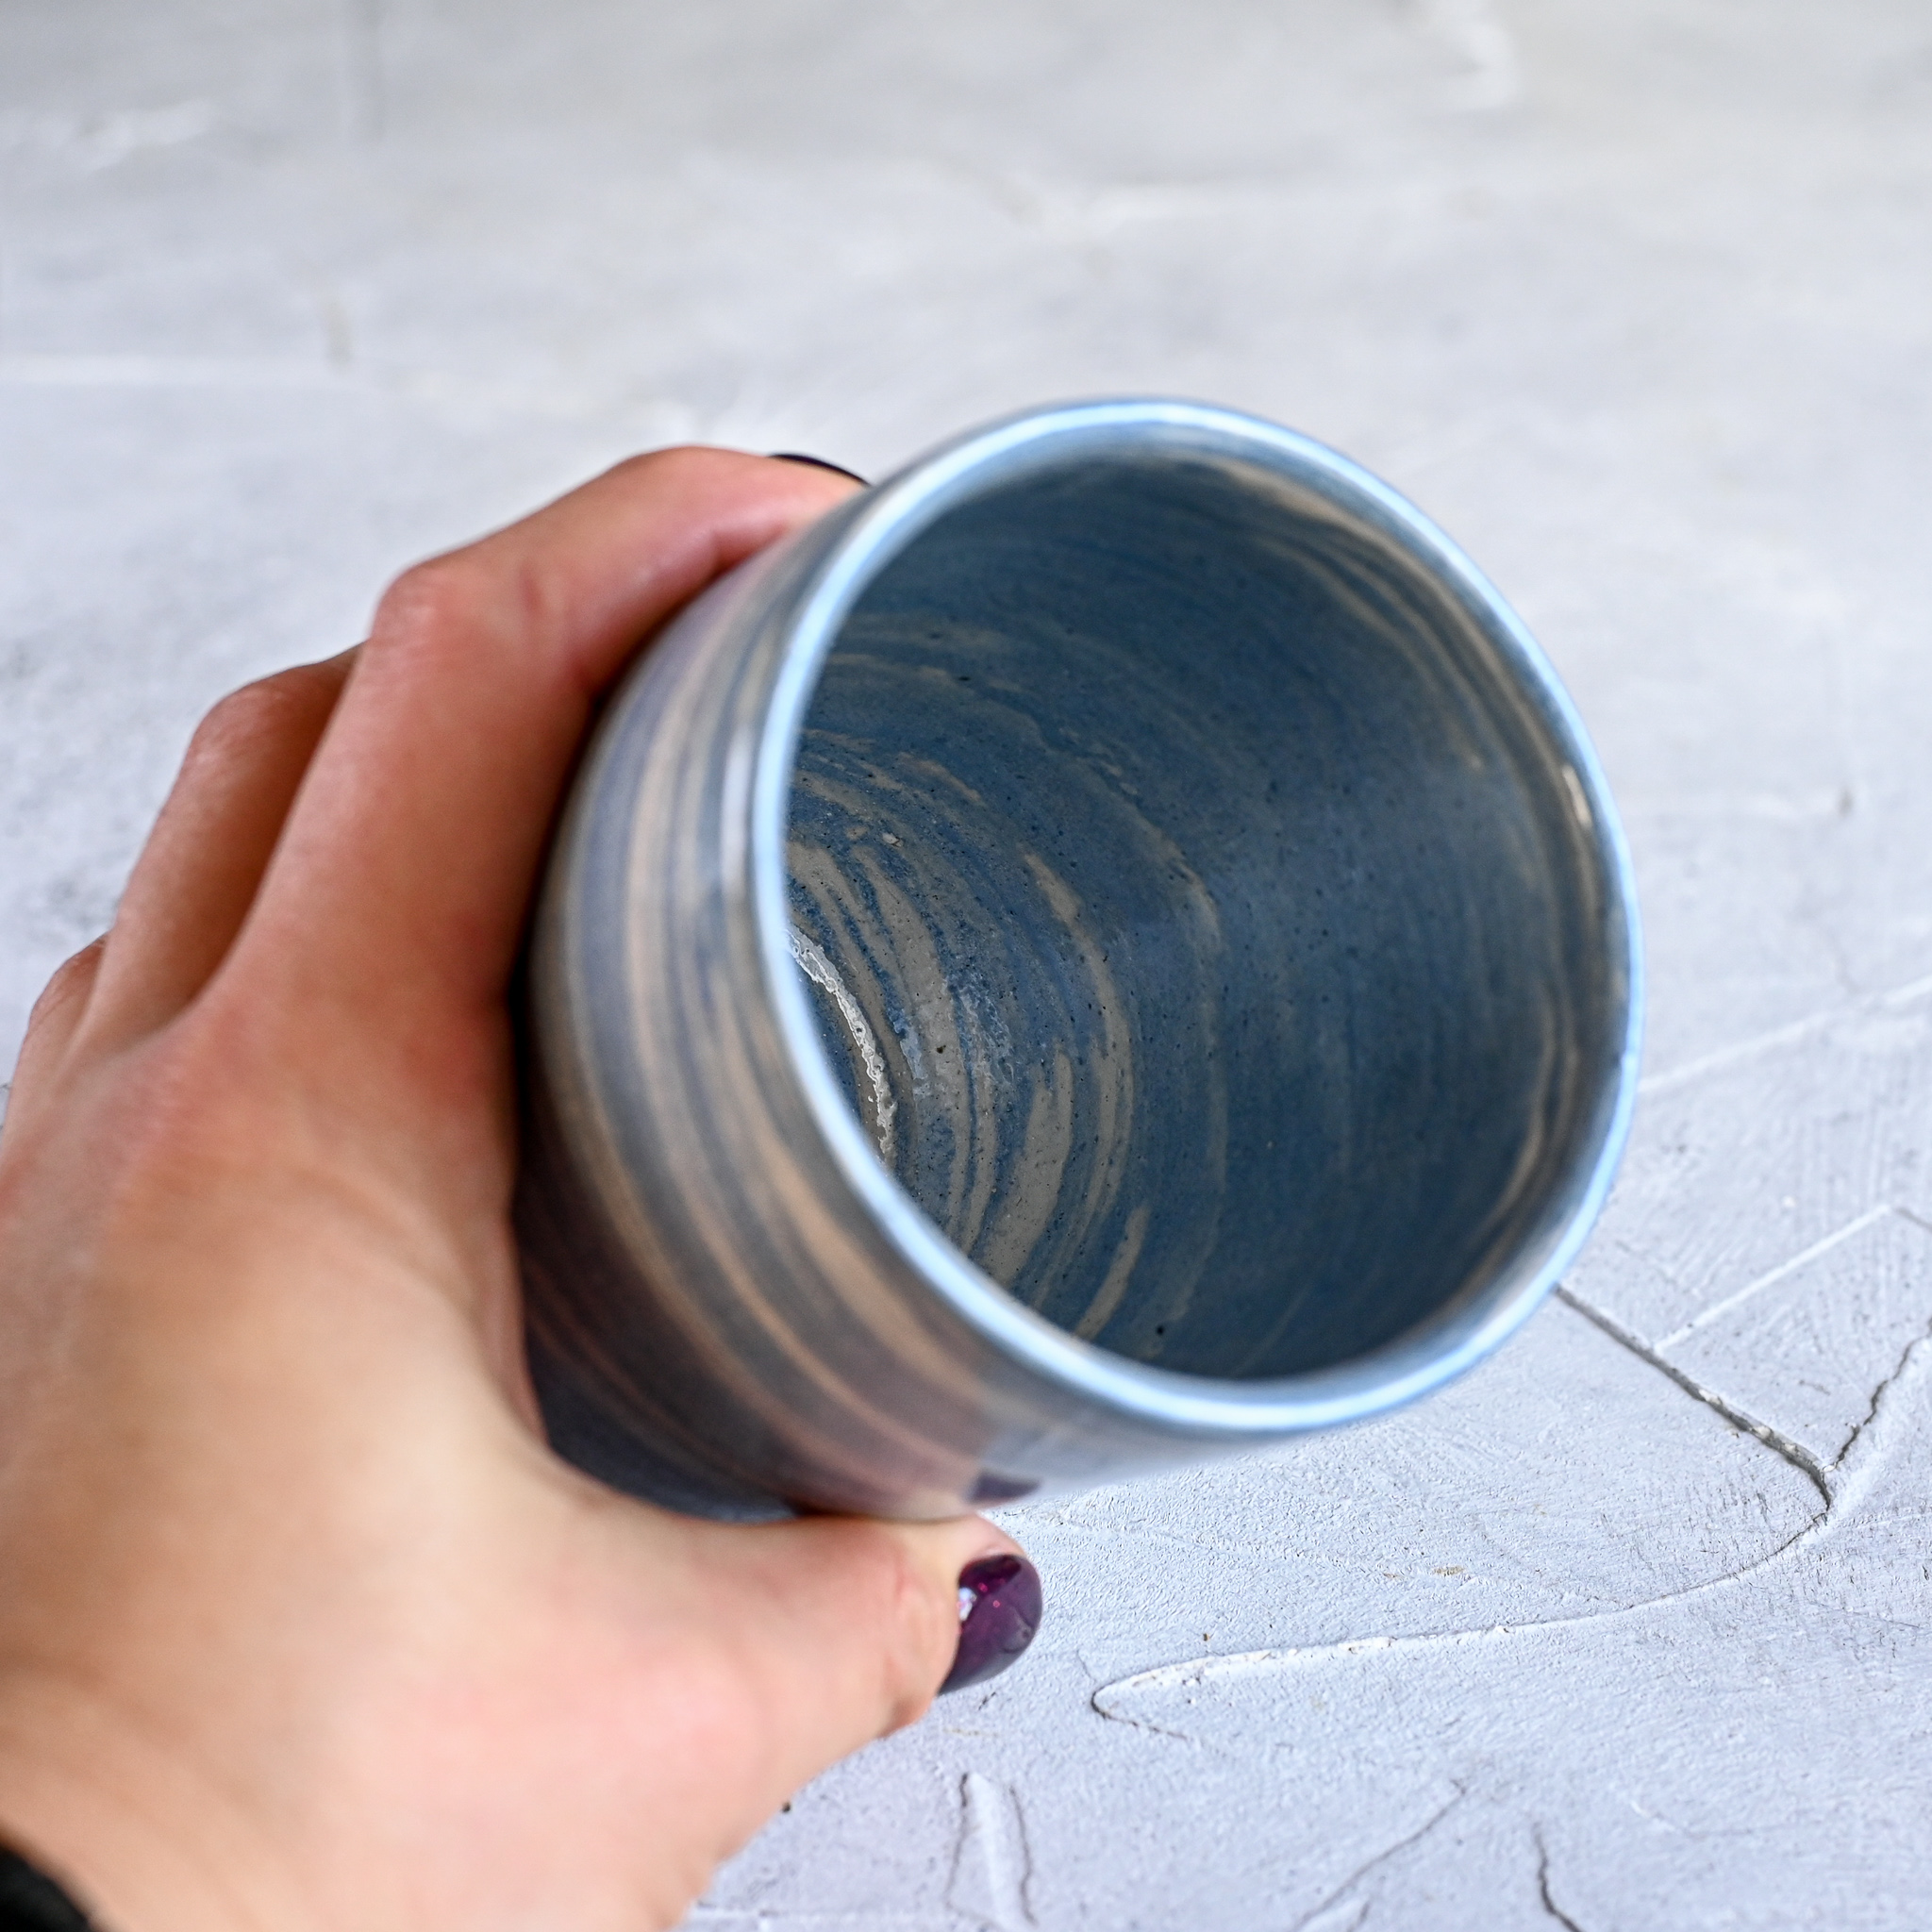 картинка Керамический стакан в технике нерияге 5 - DishWishes.Ru